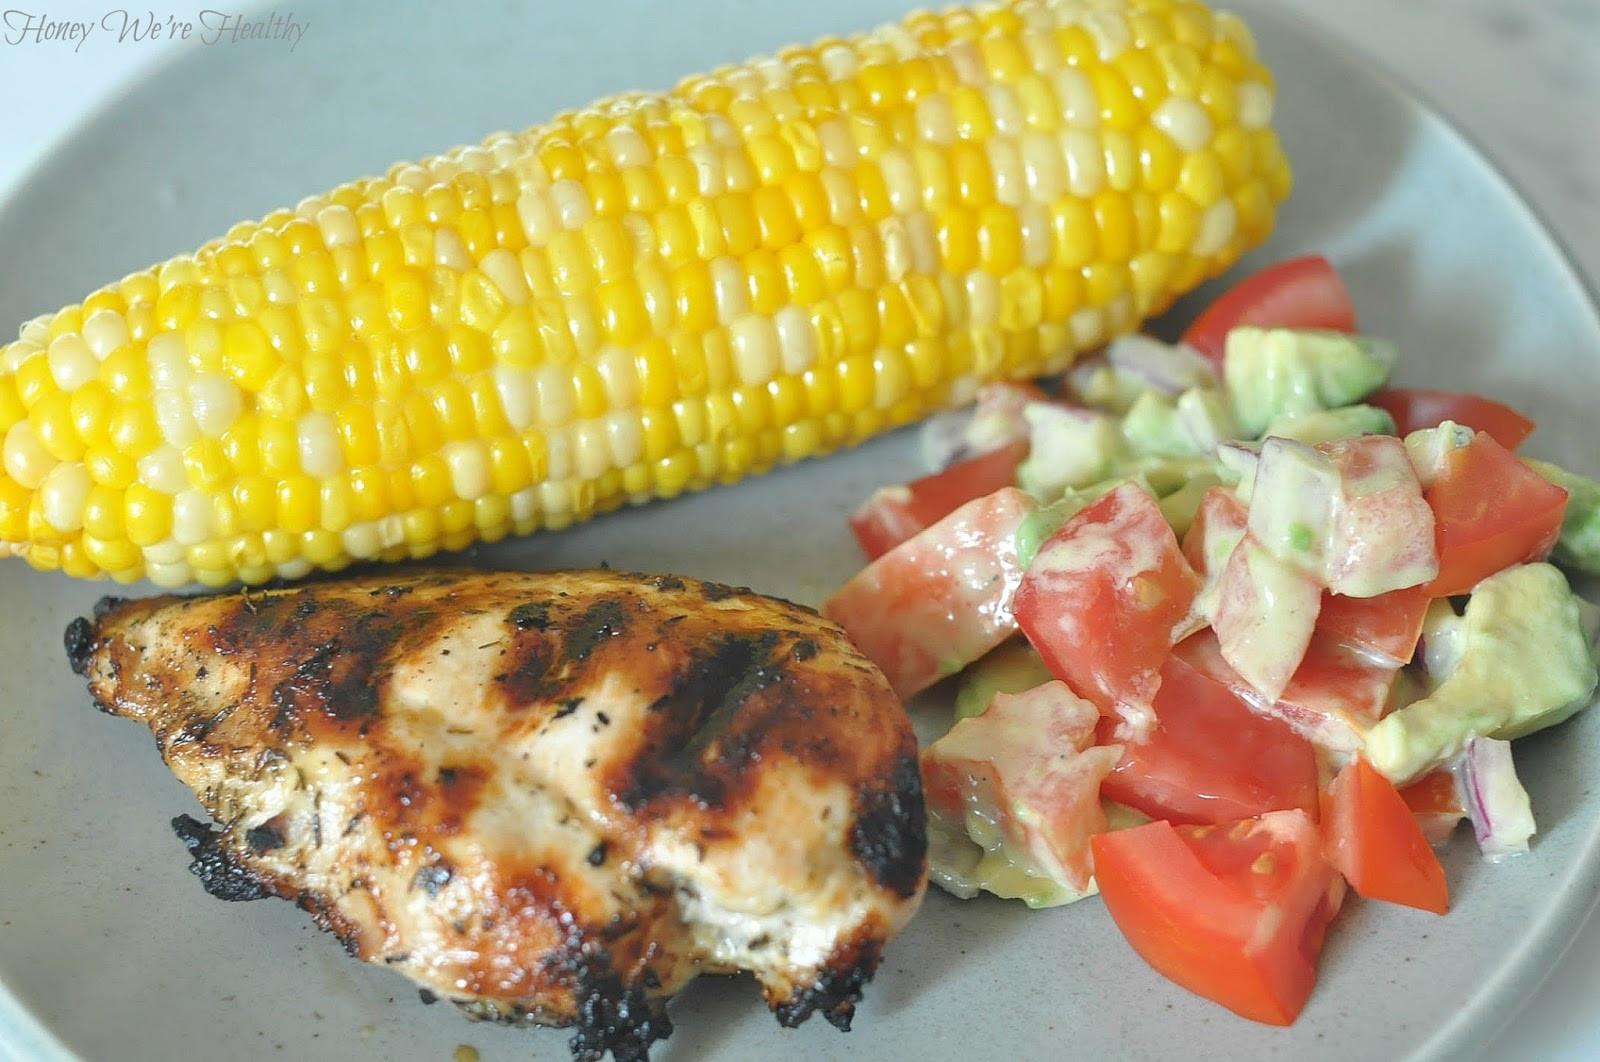 Easy Summer Dinners the 20 Best Ideas for Quick & Fresh Summer Dinner